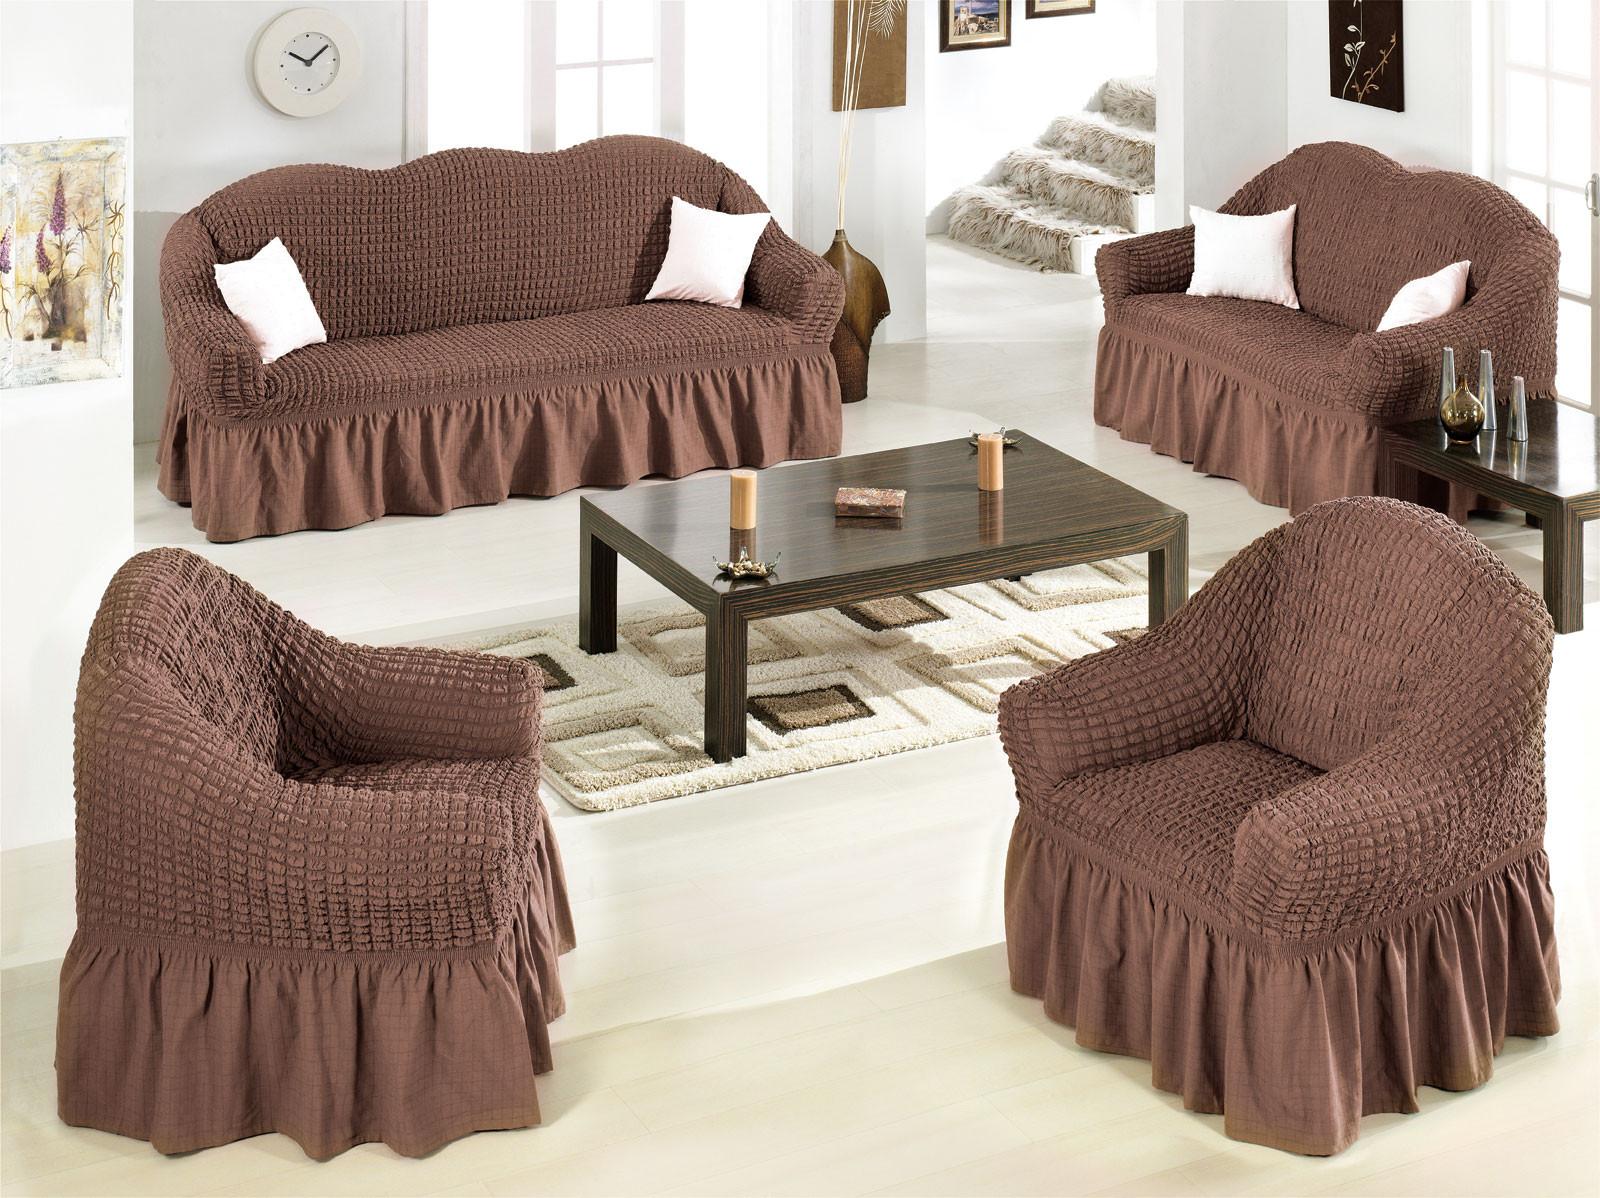 Ελαστικά καλύμματα Καναπέ Βολάν 70/30 Αίθριο-Πολυθρόνα-Καφέ-6+ Χρώματα Διαθέσιμα-Καλύμματα Σαλονιού-Ίσια πλάτη + Αχιβάδα